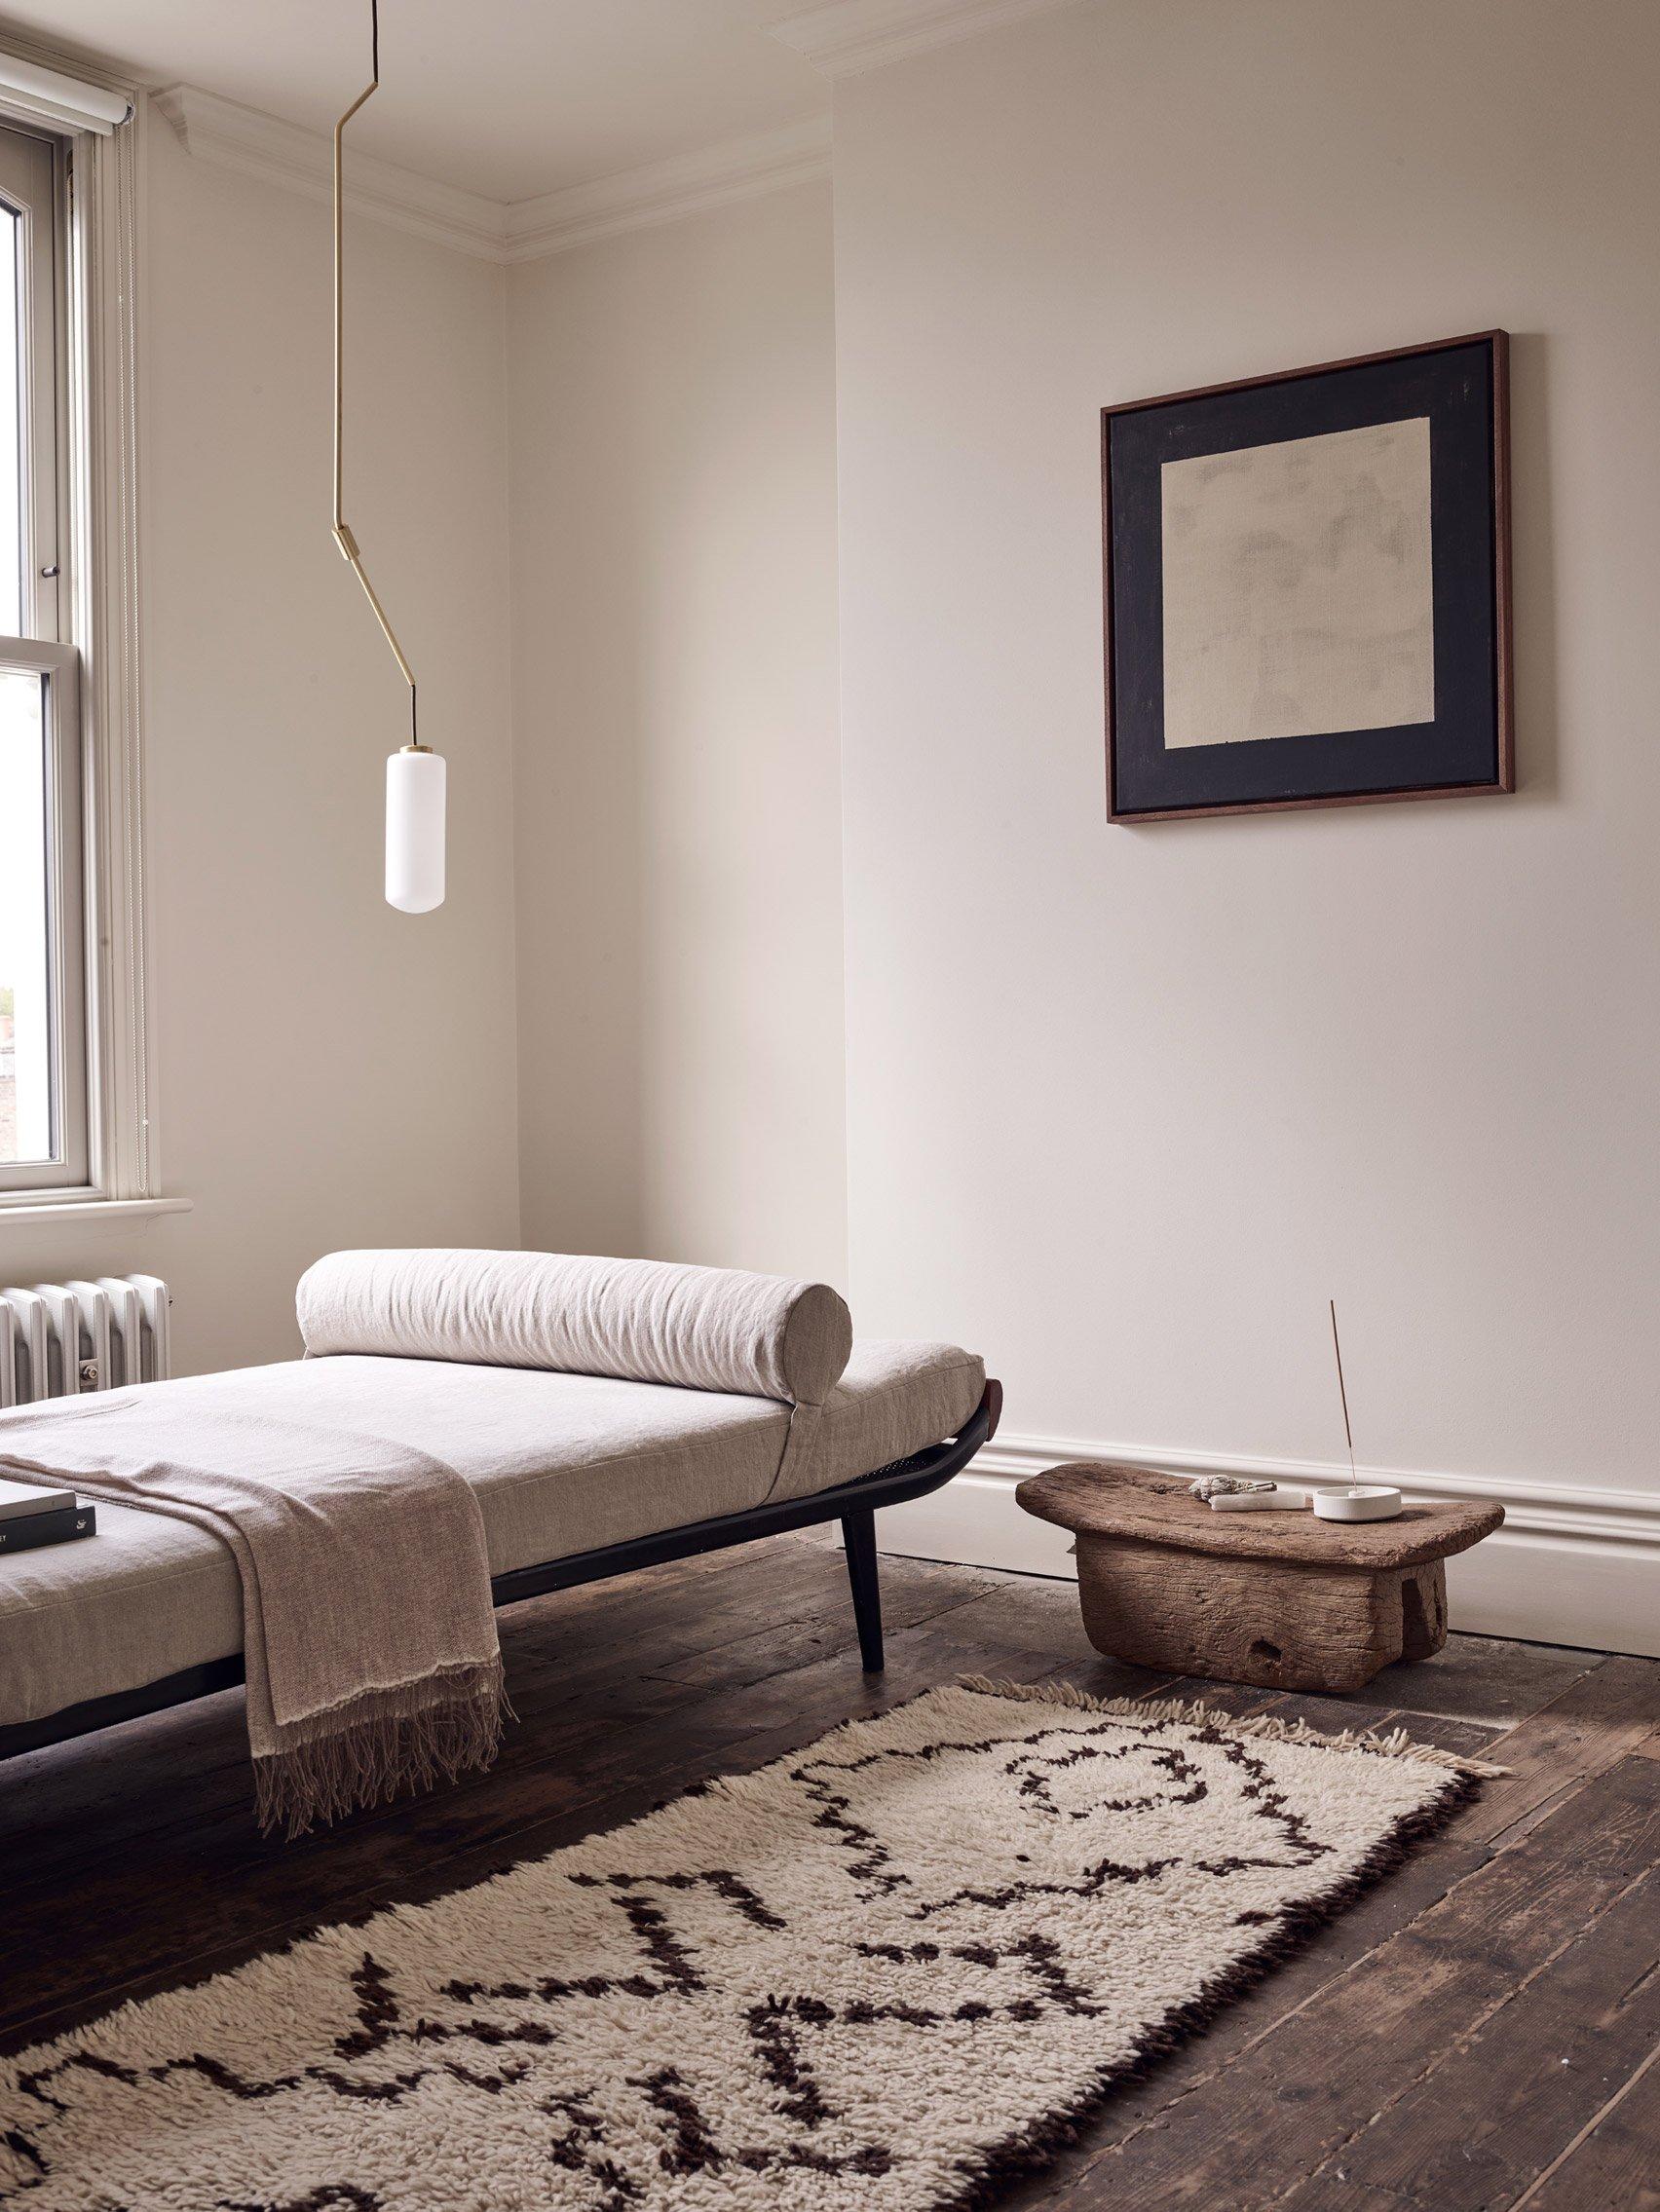 Những thiết kế phòng khách trang nhã, tinh tế lấy cảm hứng từ phong cách Nhật - Ảnh 5.